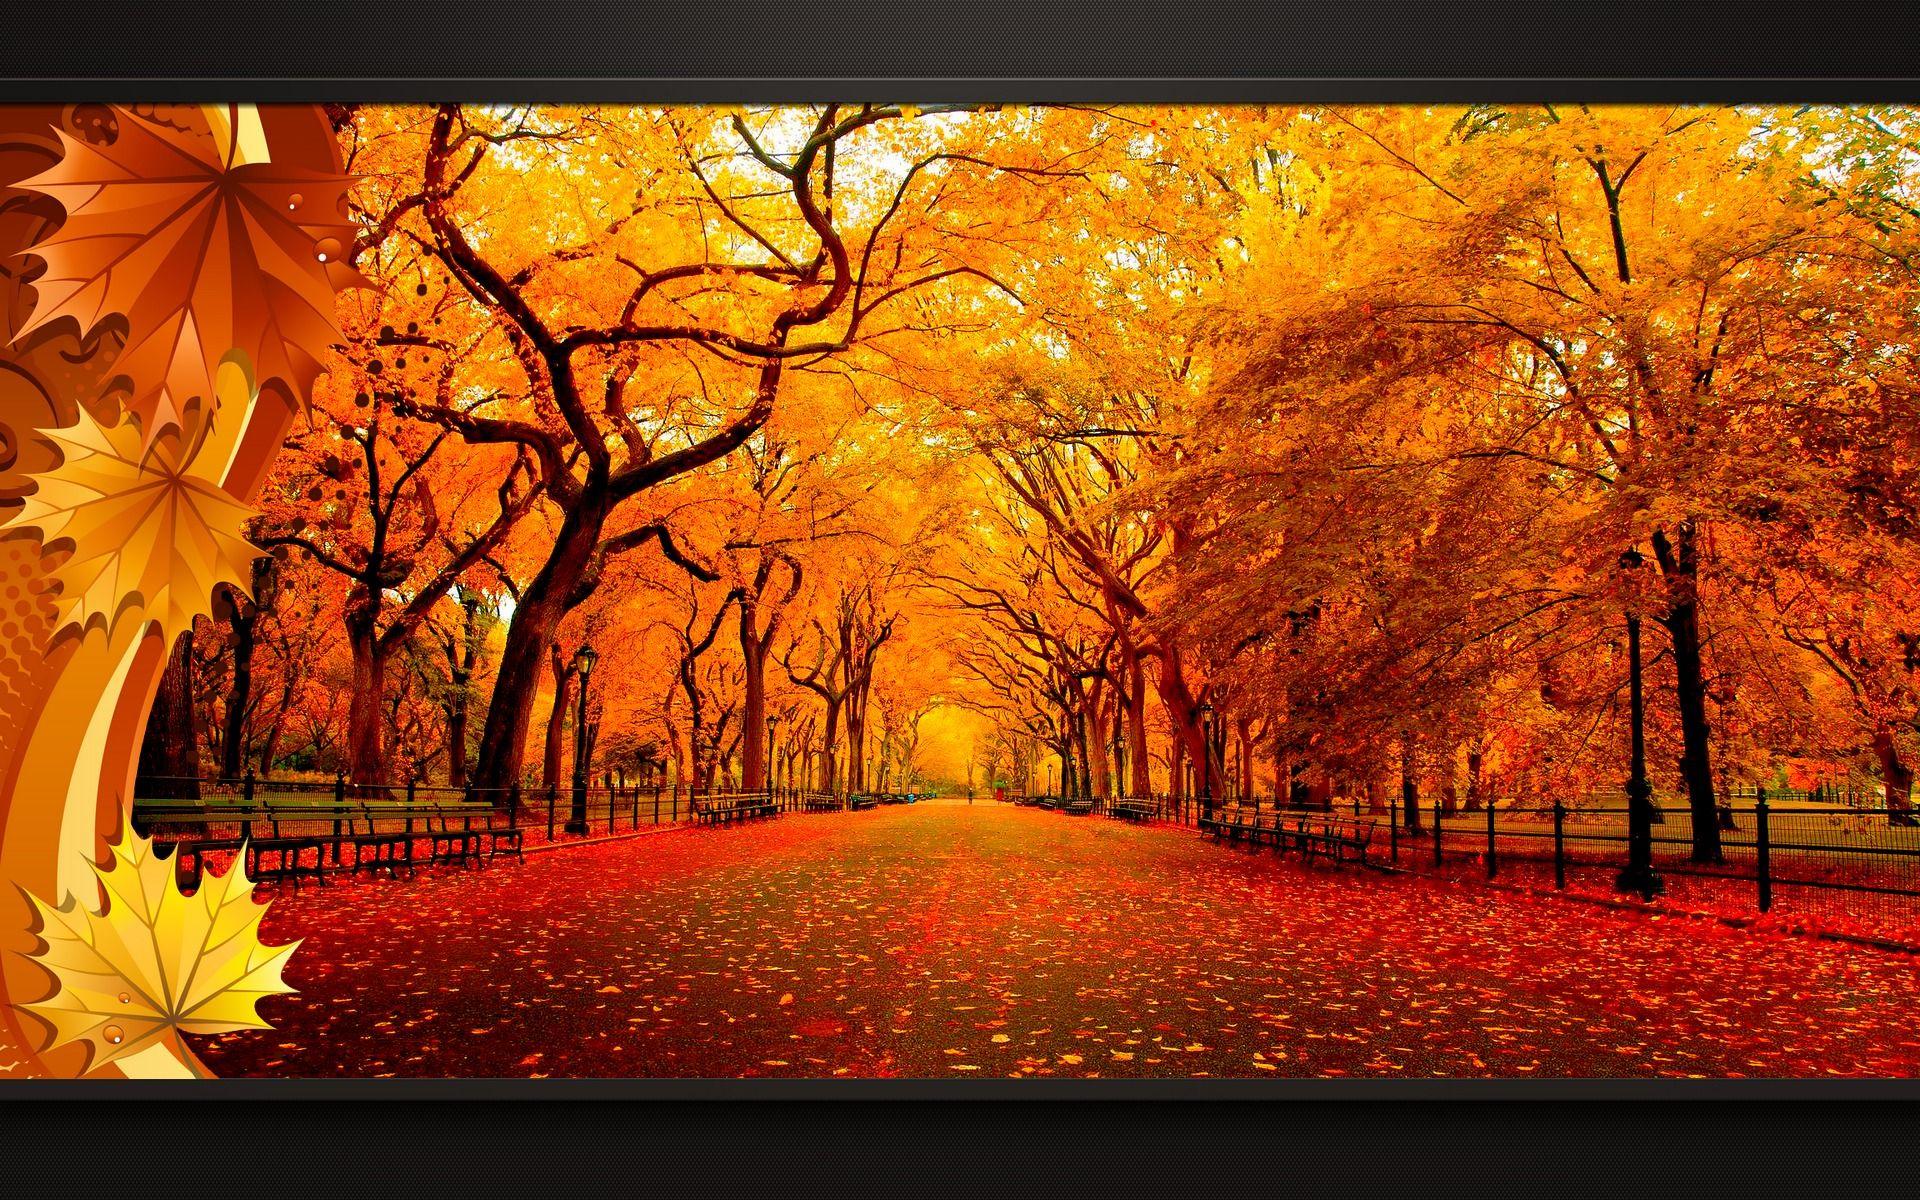 Automne fond ecran paysage feuilles arbres sous bois foret for Image fond ecran ordinateur gratuit